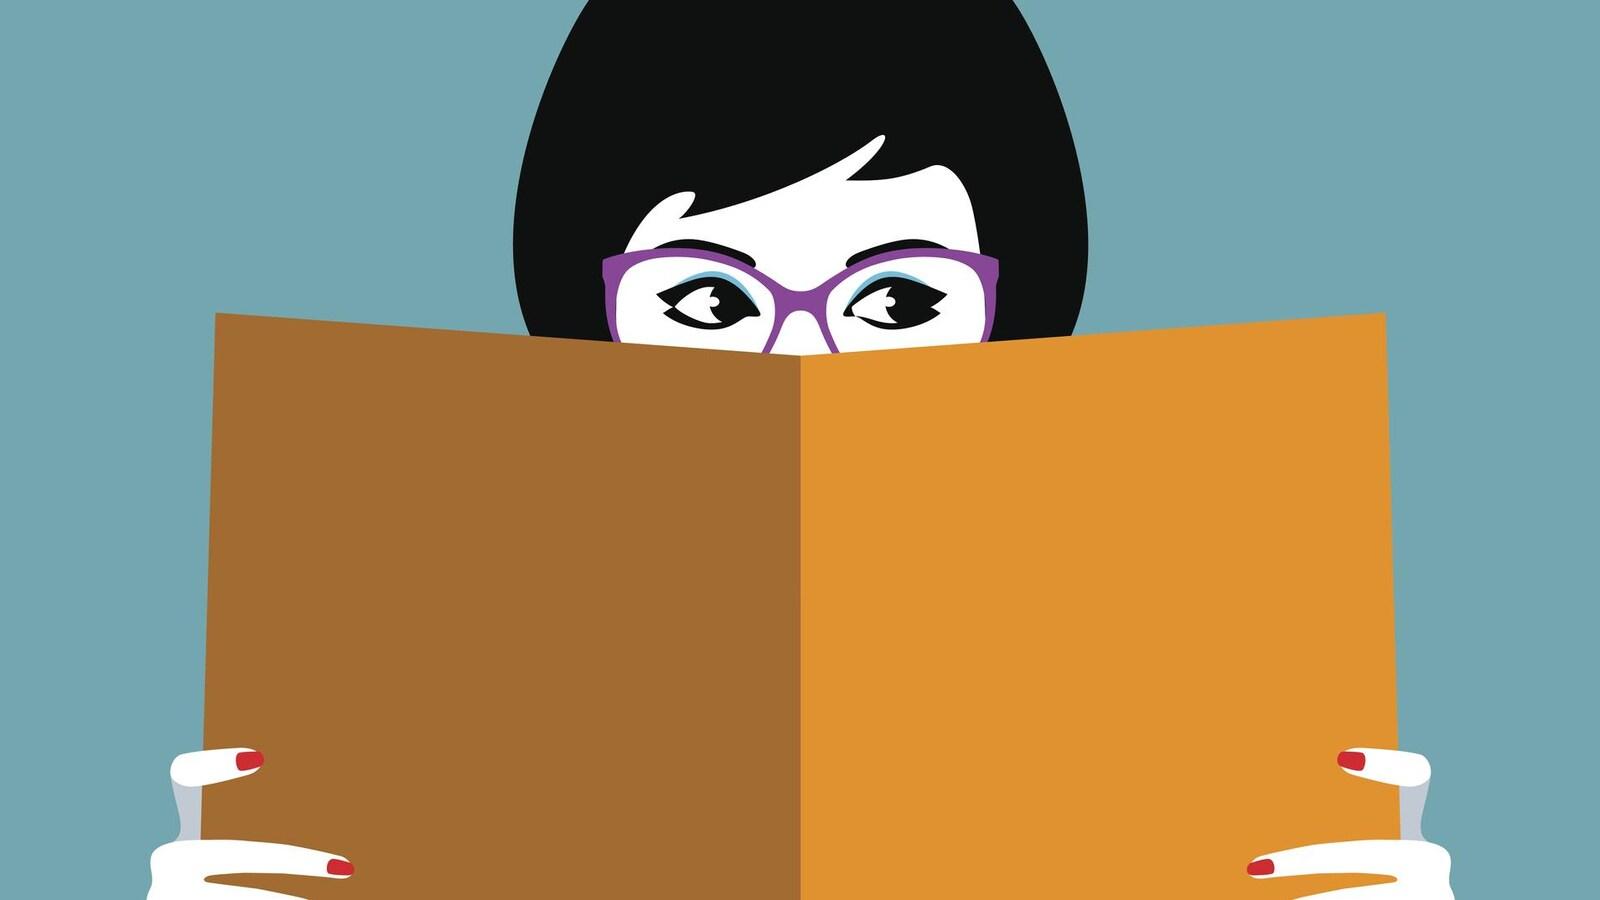 Dans une illustration, une jeune femme aux cheveux noirs cache la moitié de son visage derrière un grand livre.